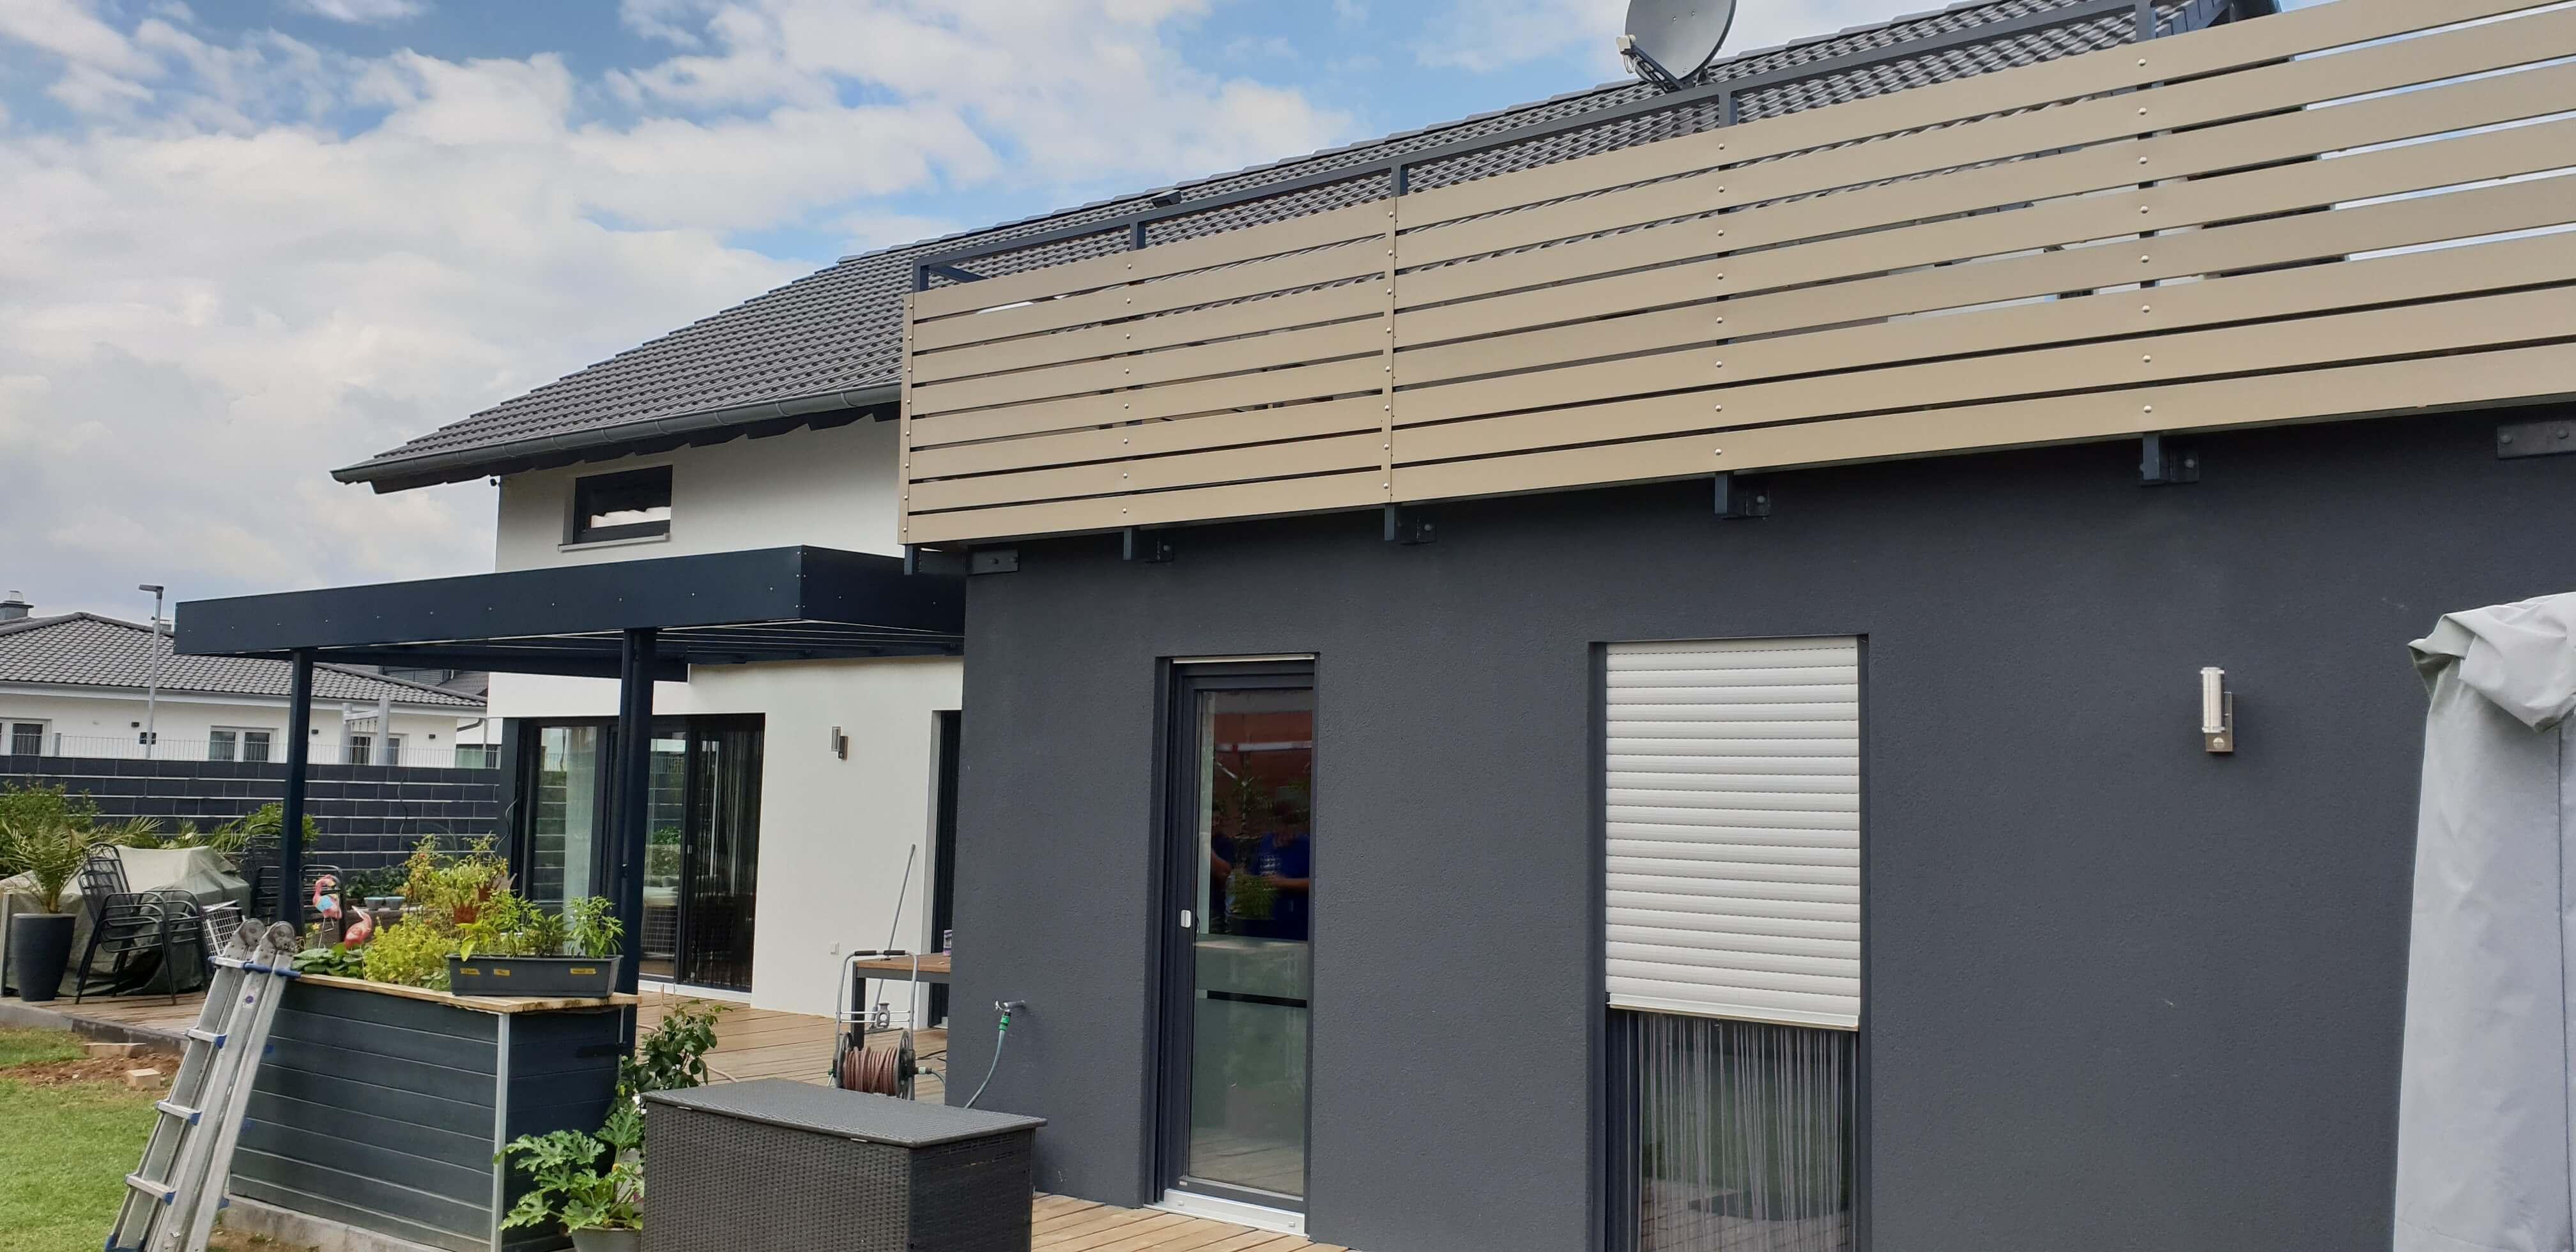 Terrassenüberdachung und Aluminiumgeländer (2) Schlosserei Schad